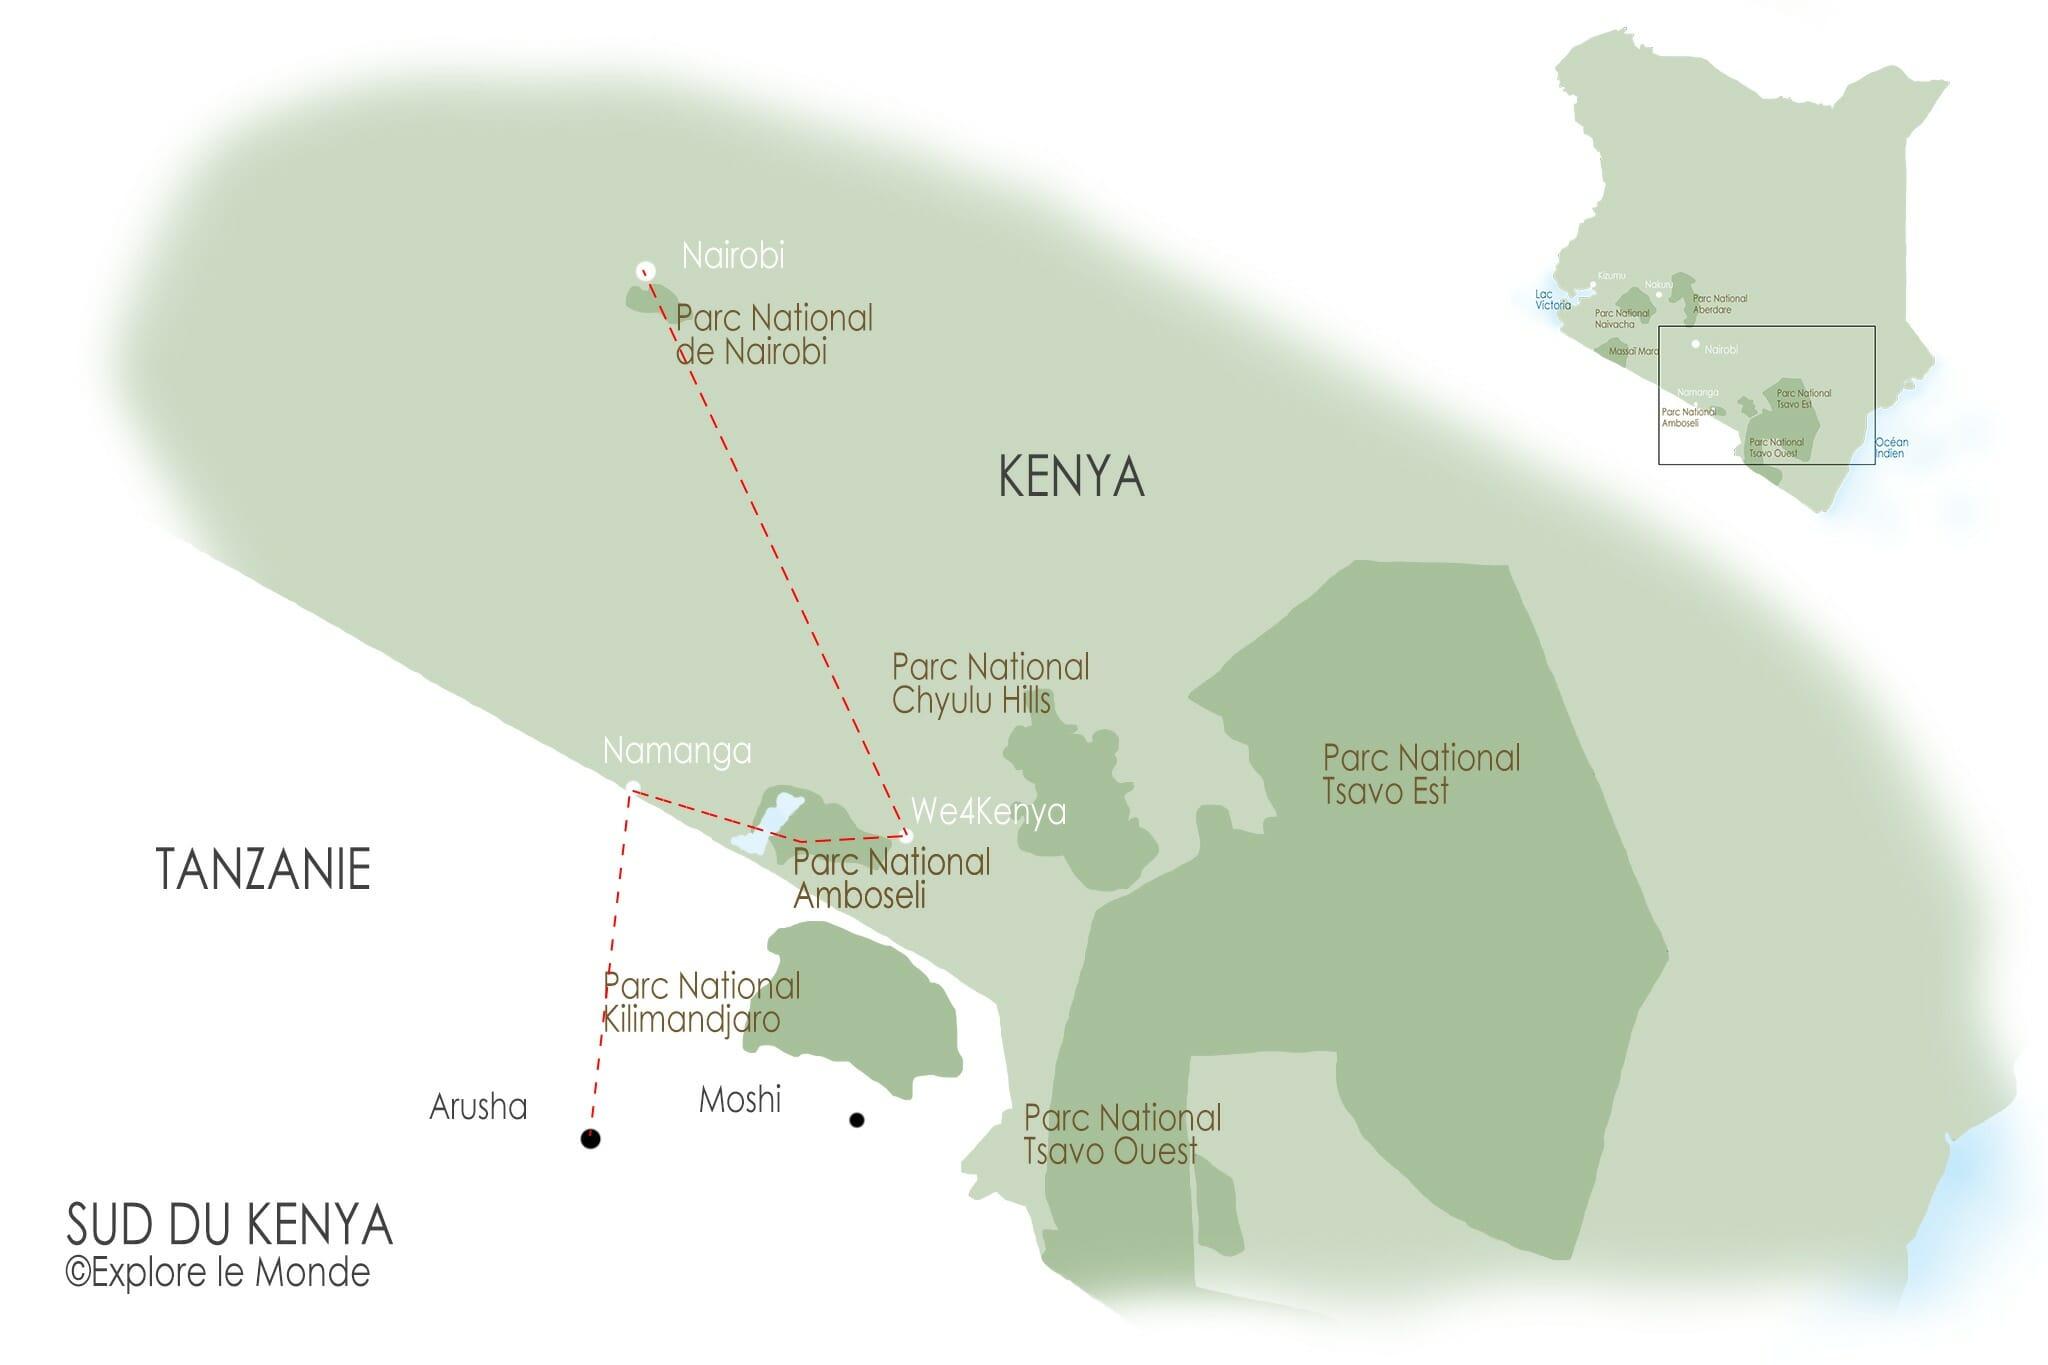 Carte pour un itinéraire de 3 jours dans le sud du Kenya